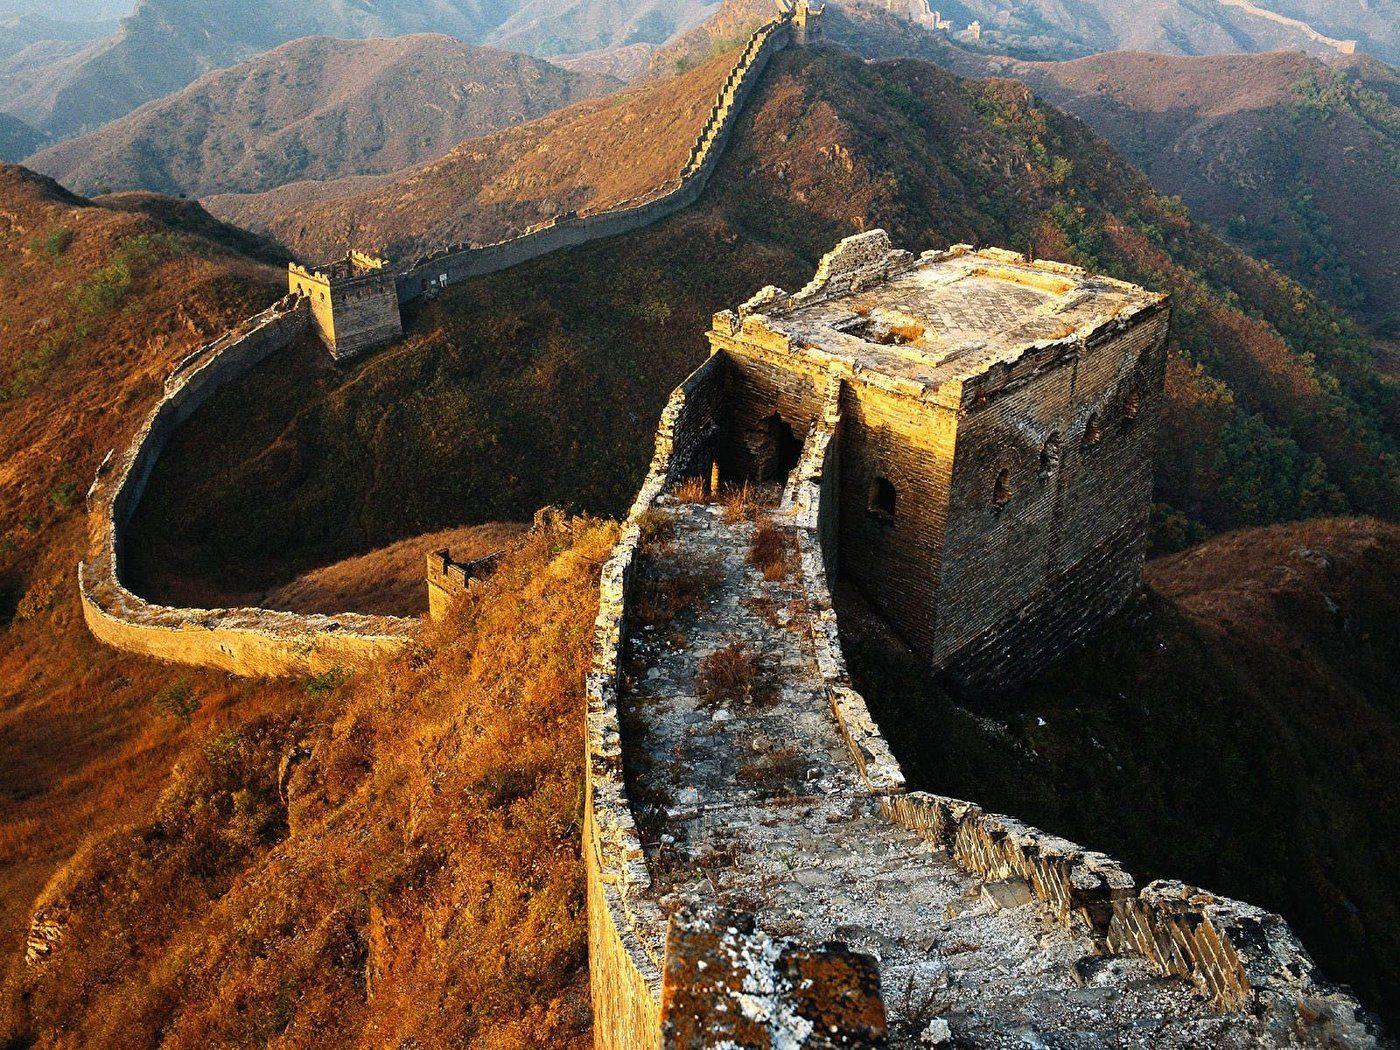 В «Поднебесной» планируют возвести еще одну «Великую стену»